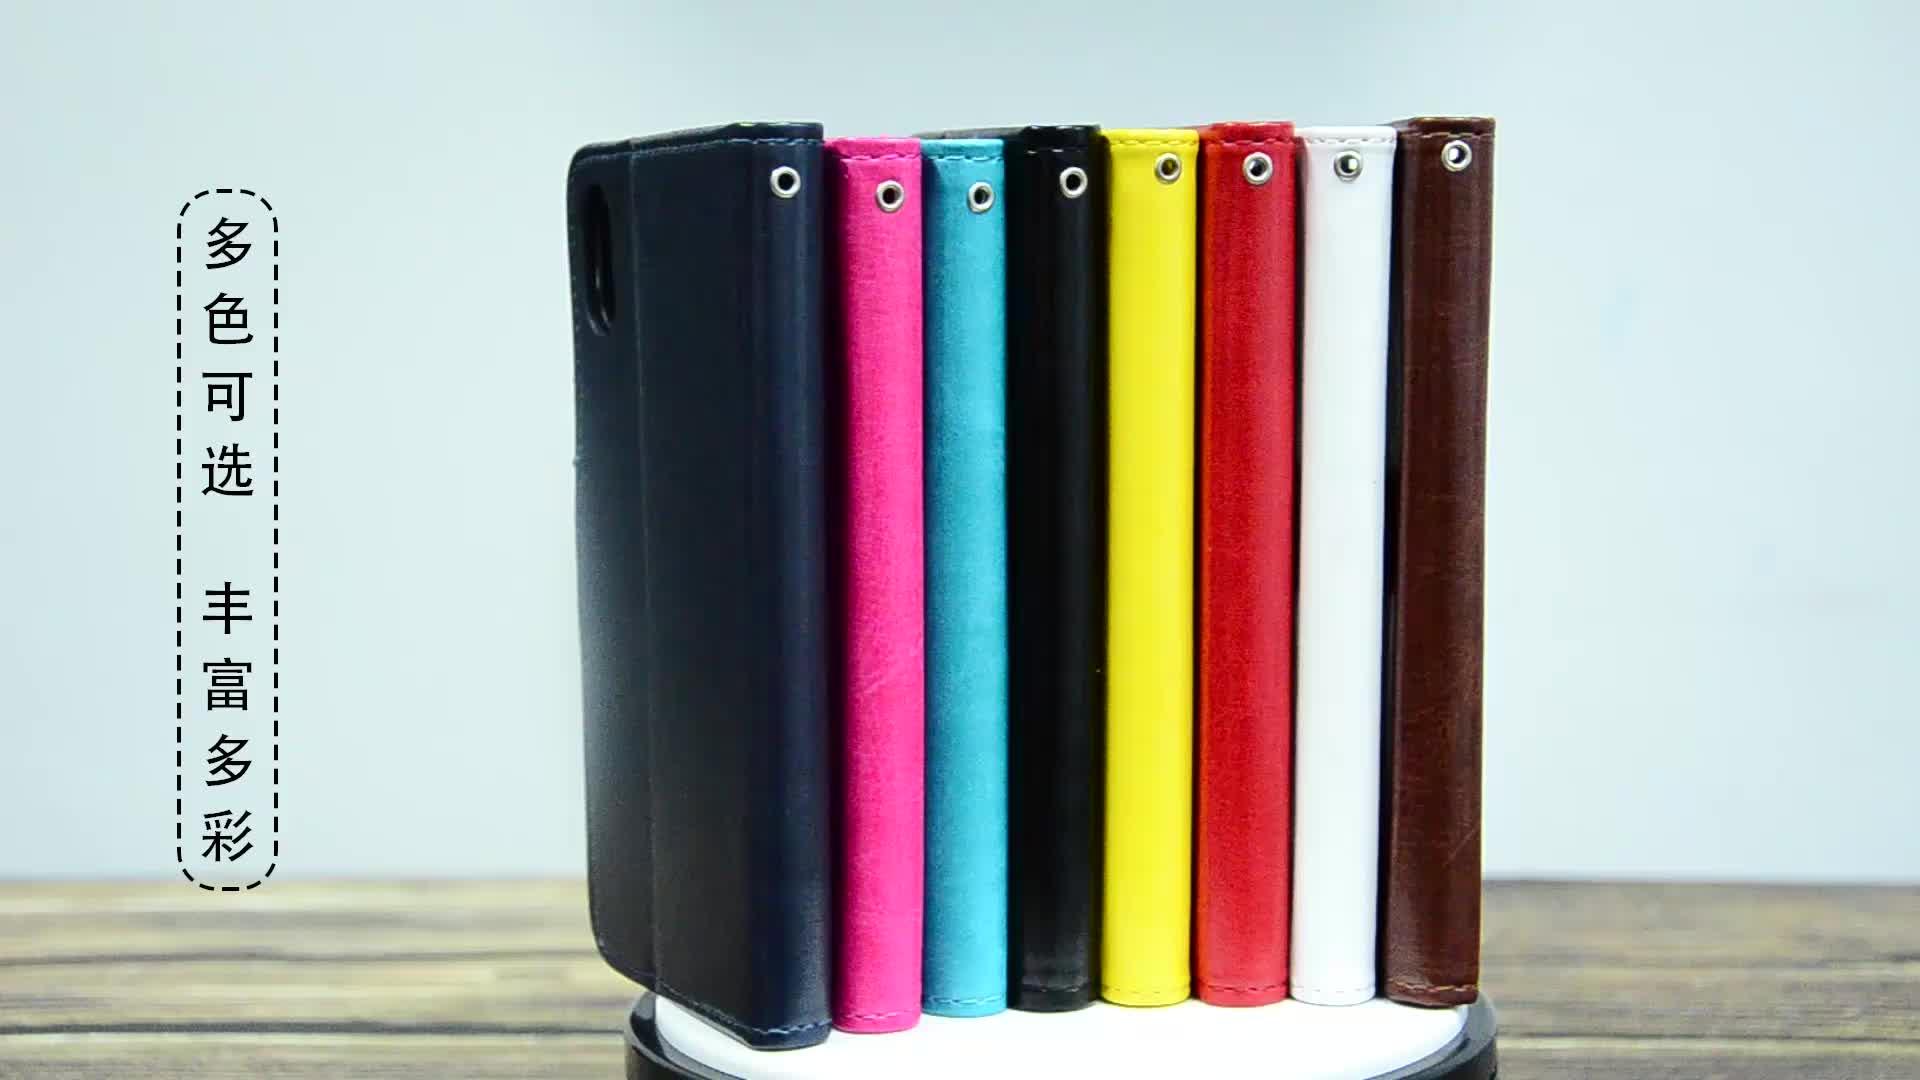 क्लासिक फोन चमड़े के लिए iphone 11 प्रो मैक्स 5.8/6.1/6.5 कवर कारखाने OEM उच्च गुणवत्ता लक्जरी फ्लिप बटुआ पु चमड़ा मोबाइल मामला